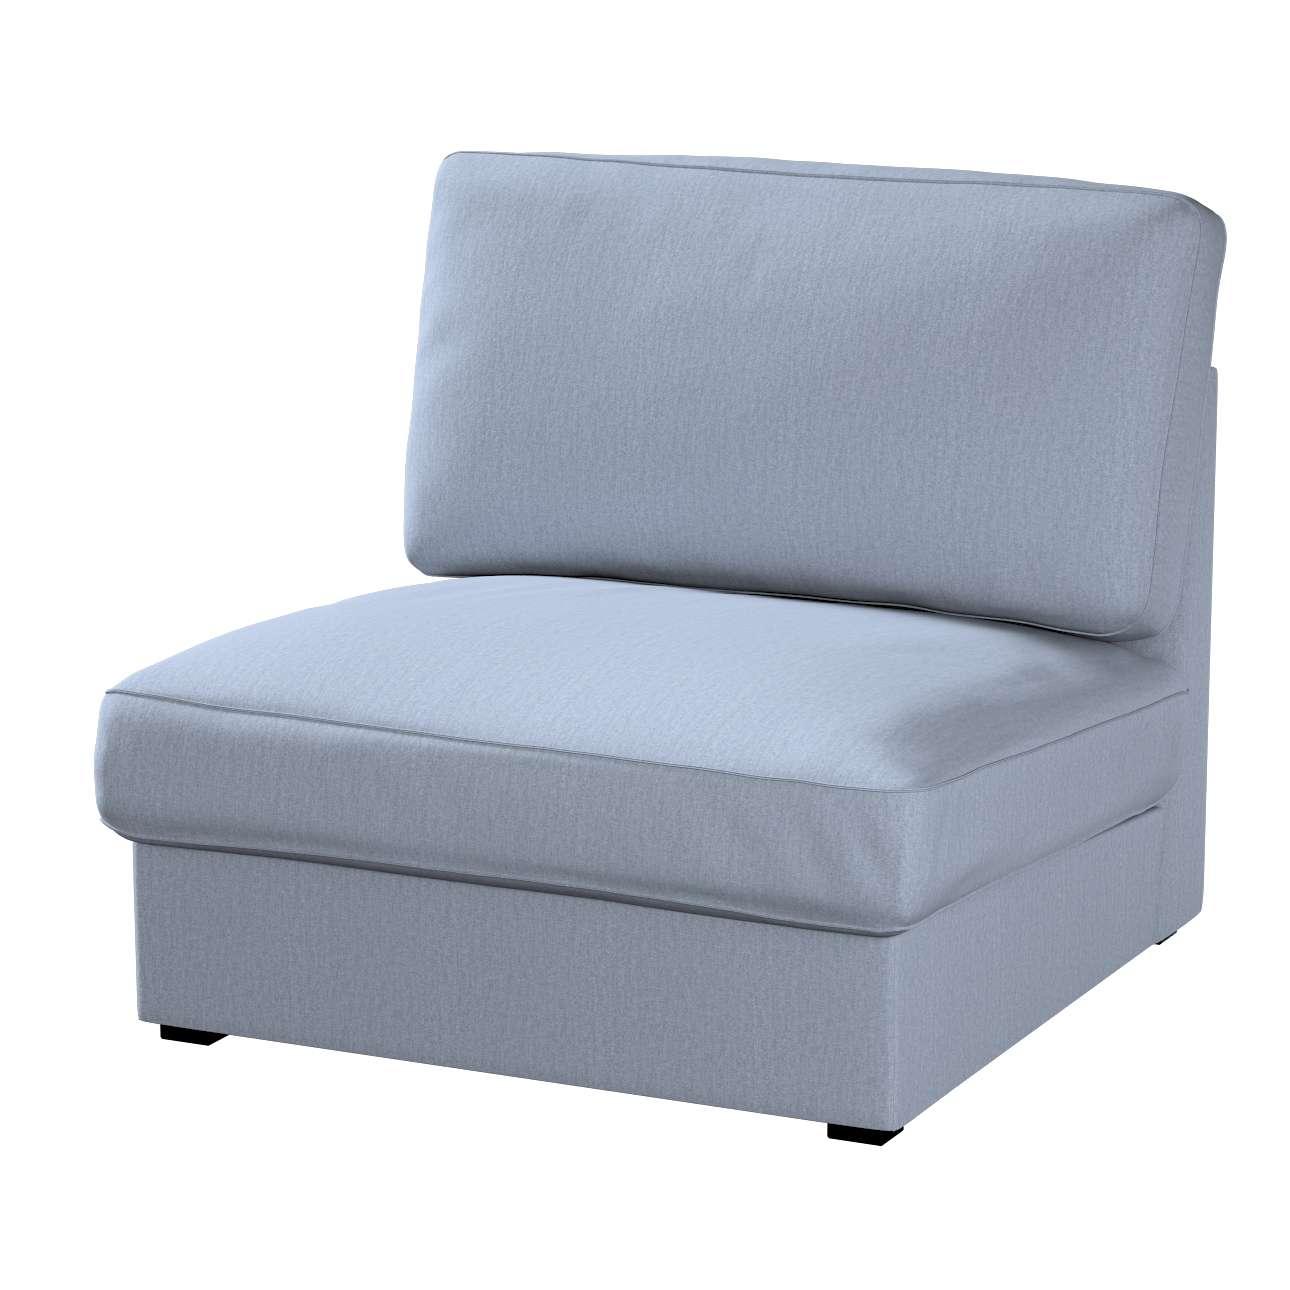 KIVIK fotelio/vienvietės dalies užvalkalas Kivik armchair kolekcijoje Chenille, audinys: 702-13